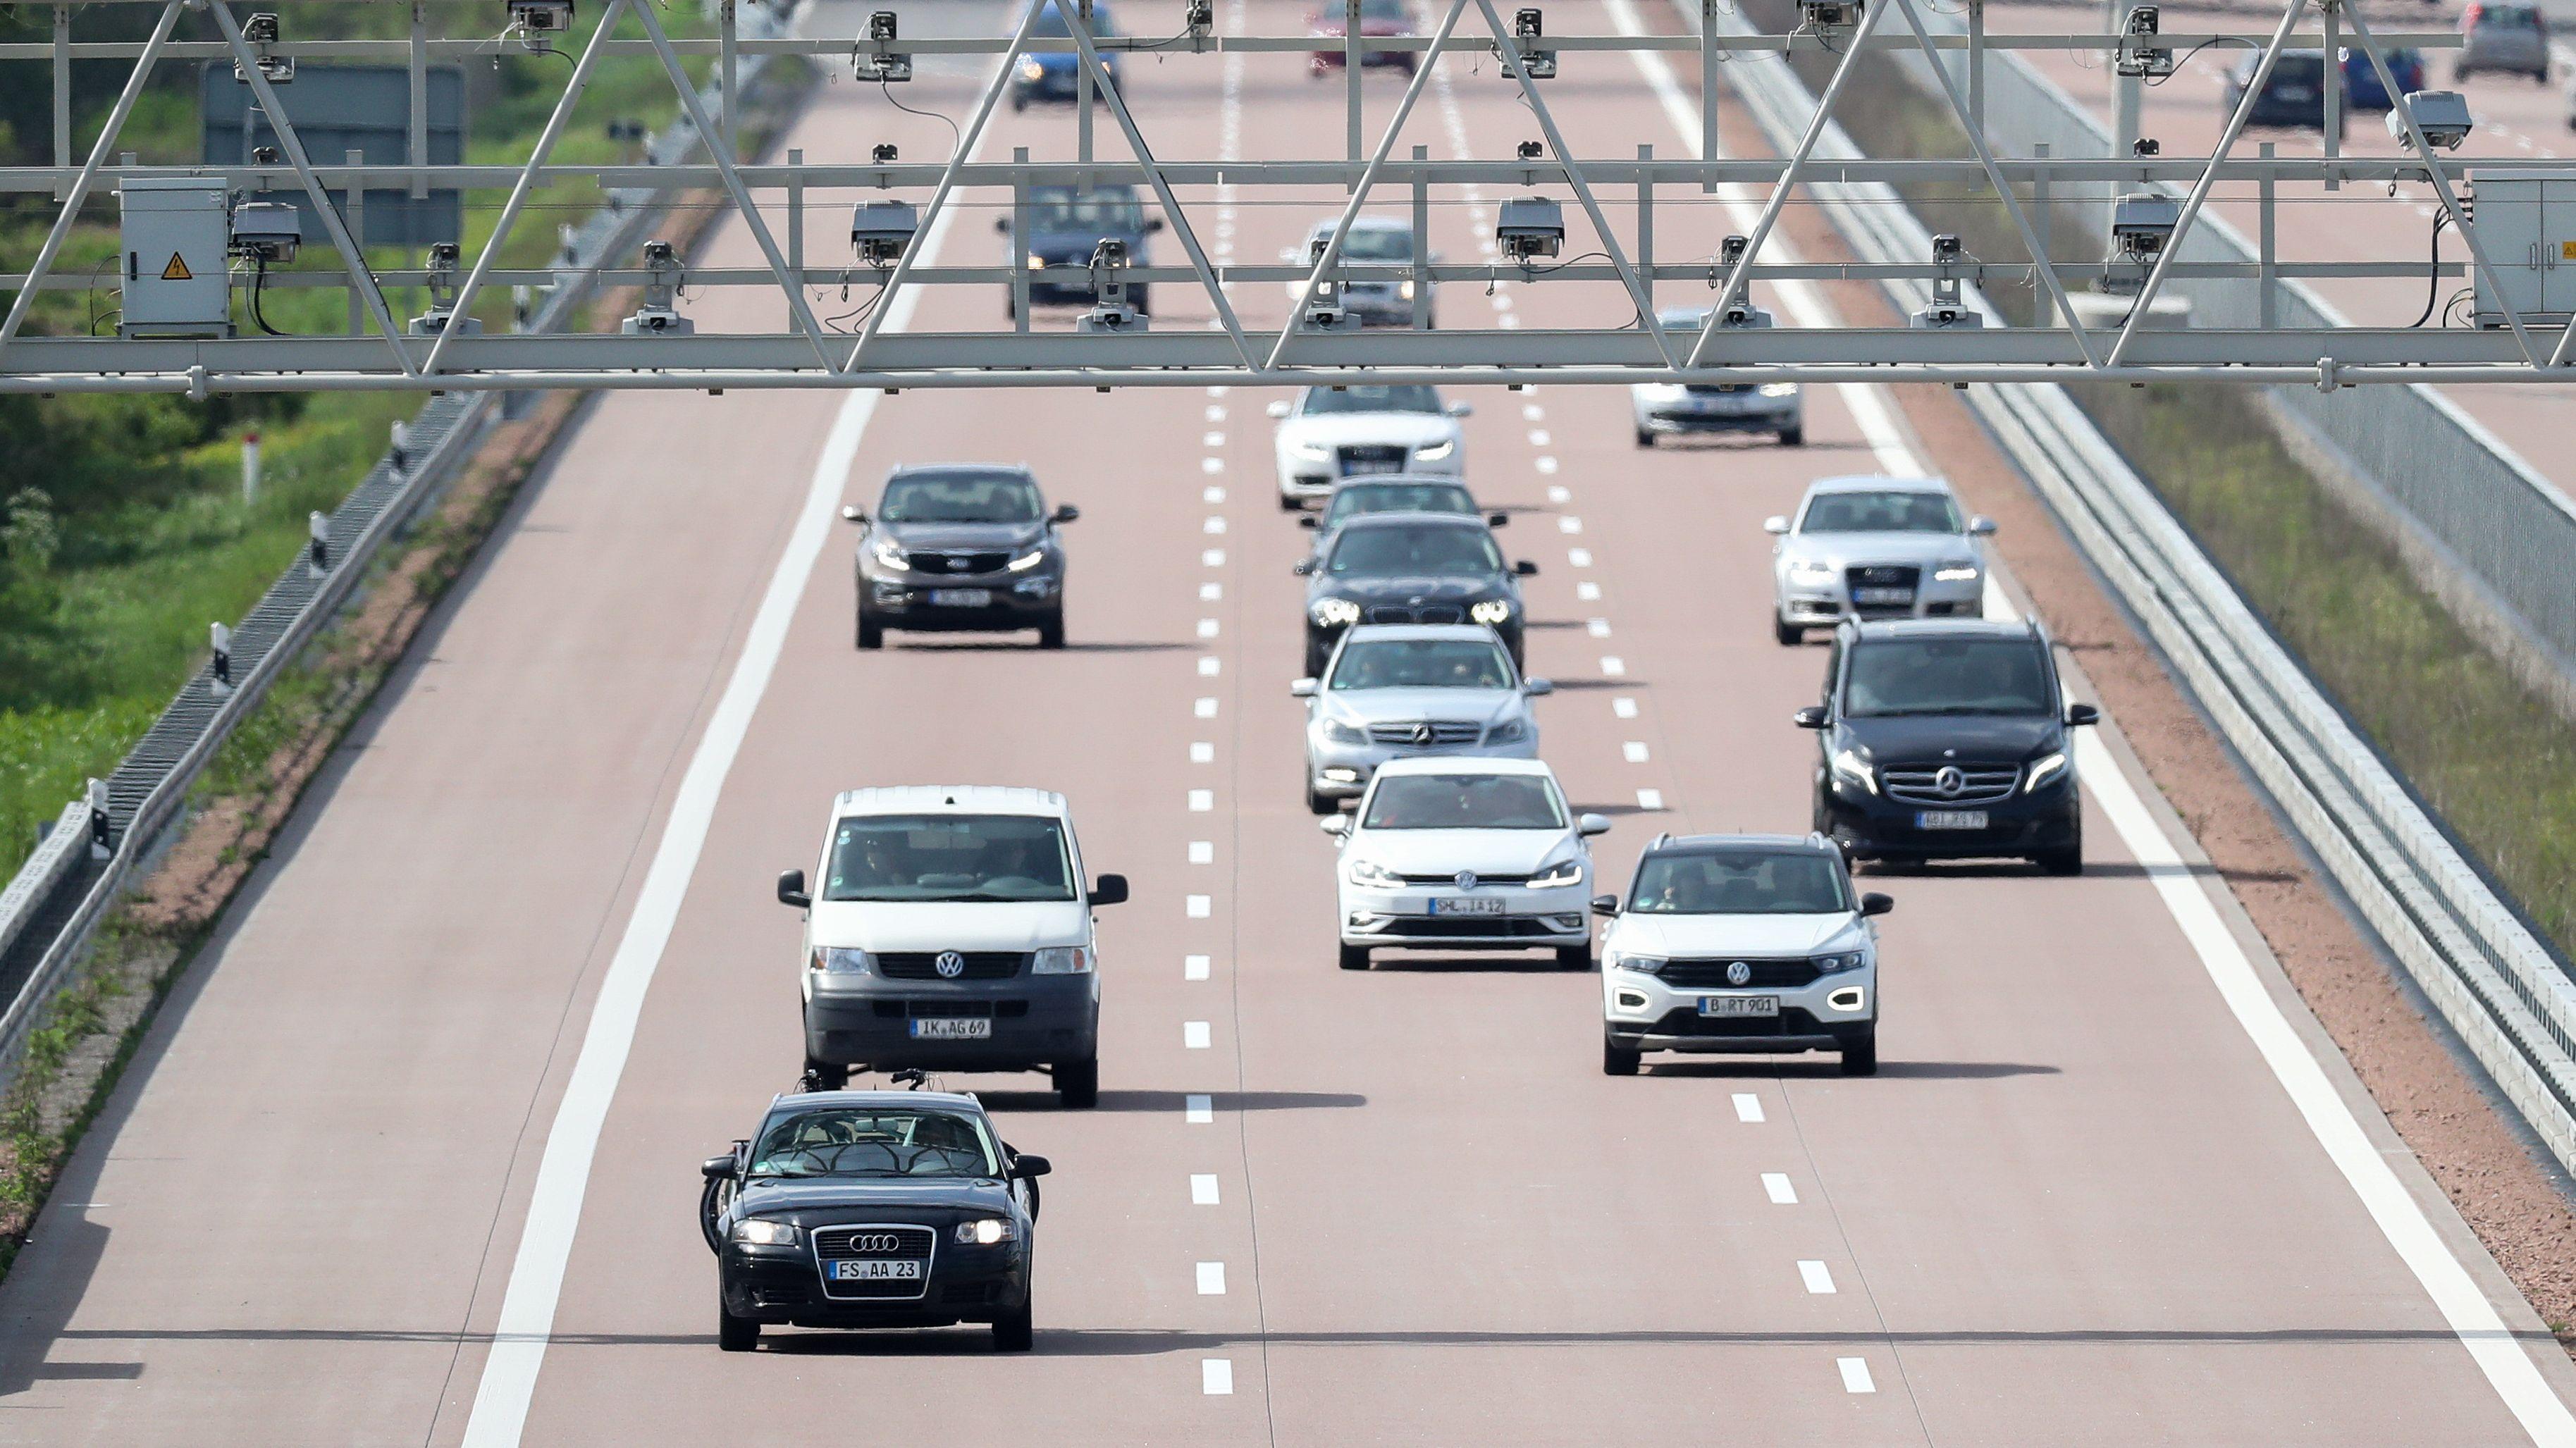 Mautbrücke auf deutscher Autobahn